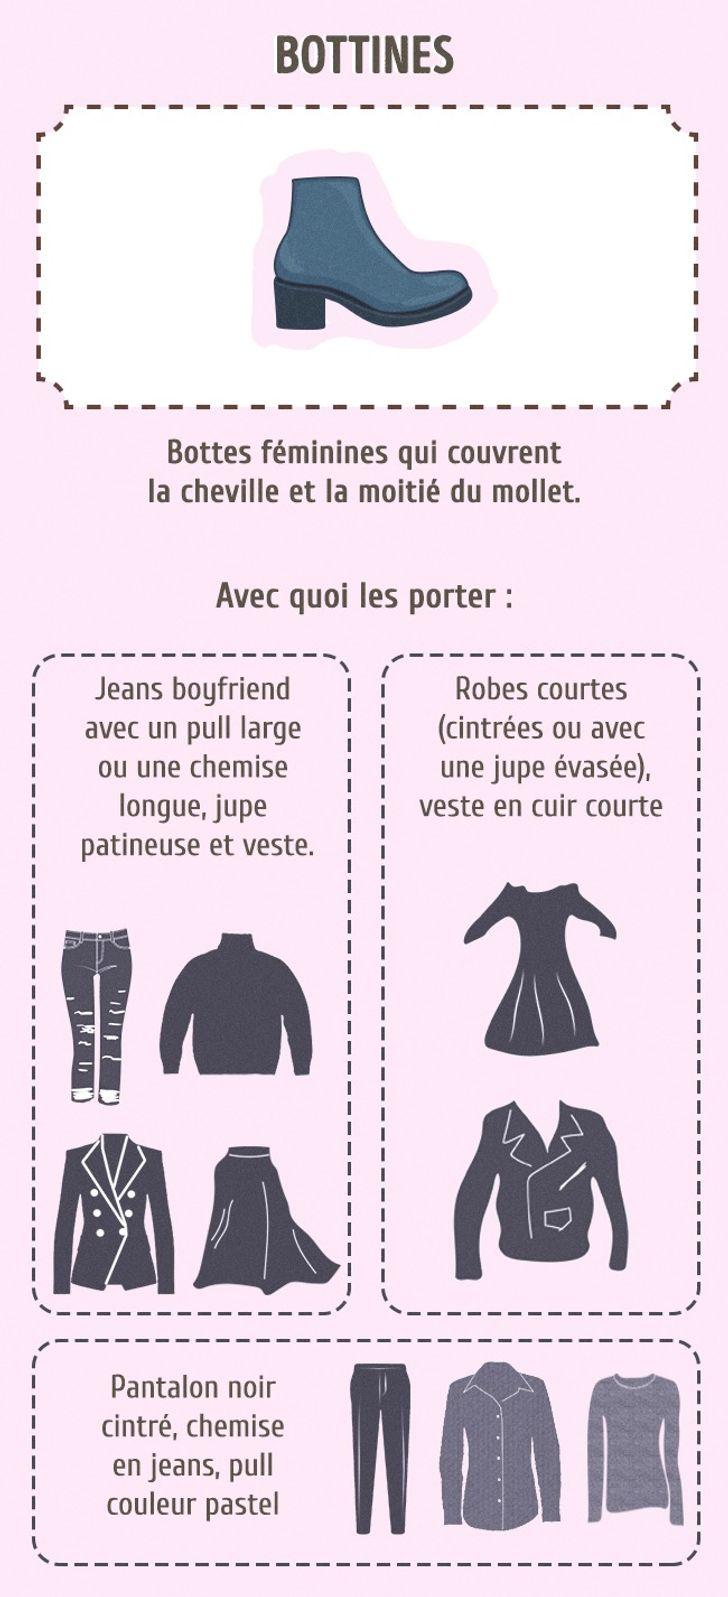 Guide dechaussures pour femmes